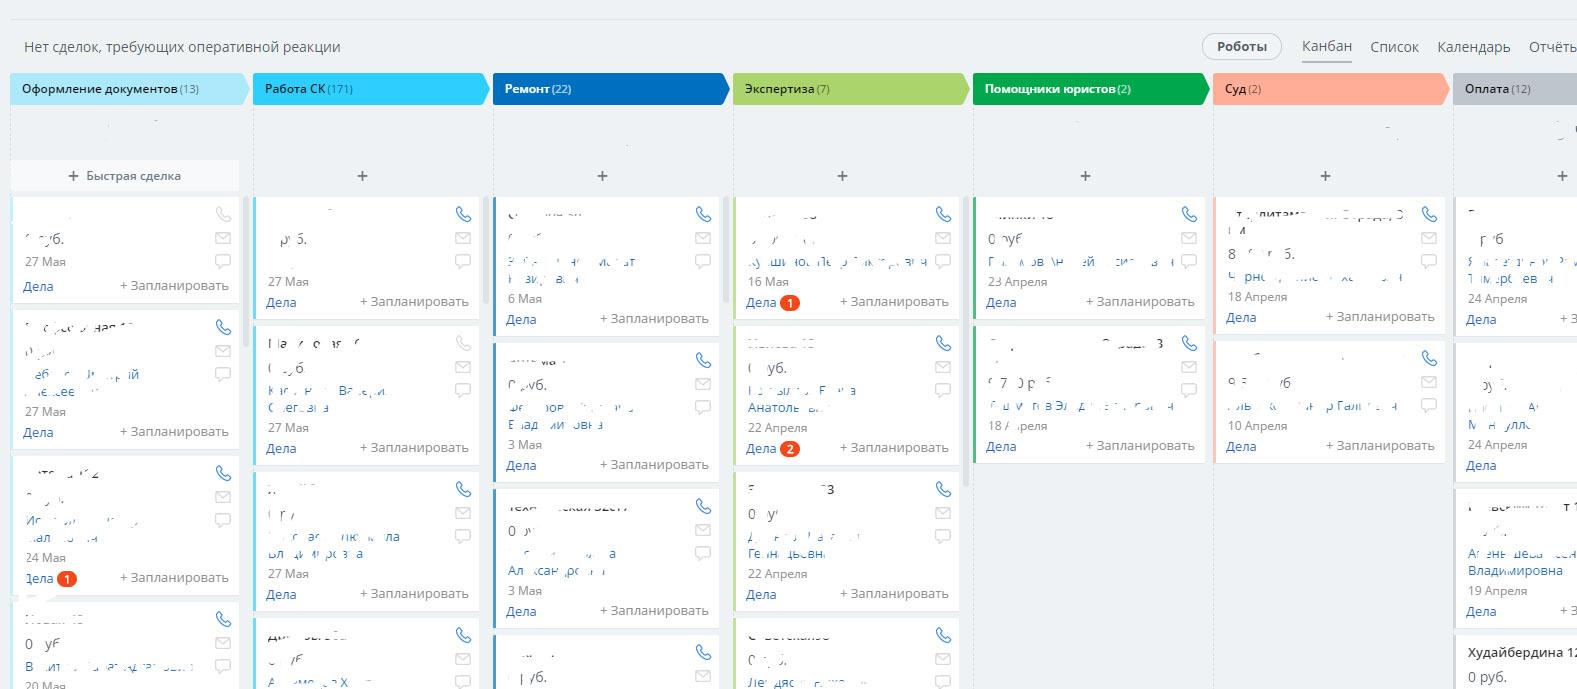 Автоматизация бизнес-процессов для компании «Автореал»